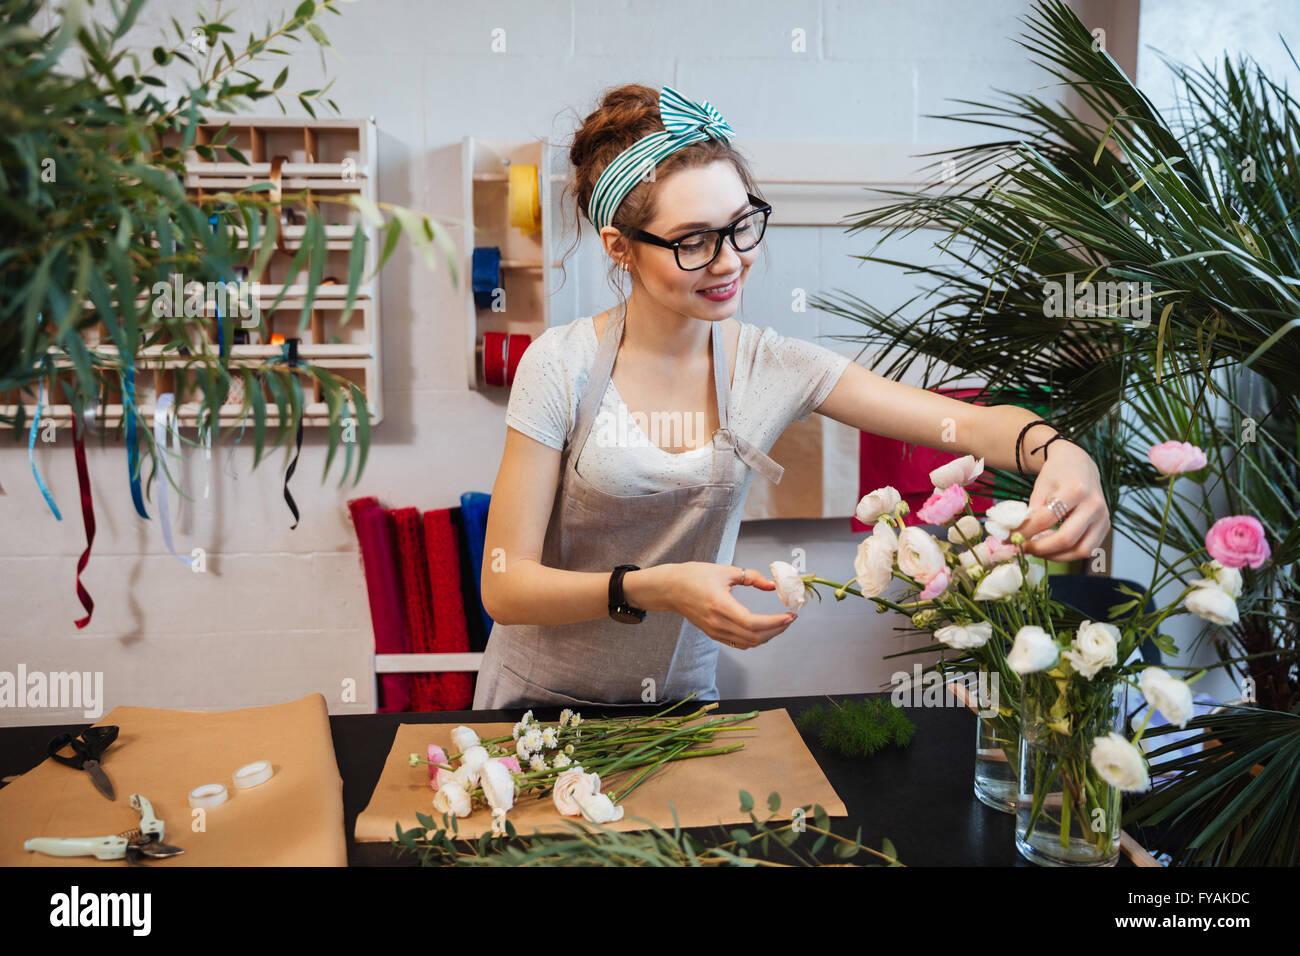 Atractiva mujer joven sonriente y haciendo trabajo de floristería bouquet en flower shop Imagen De Stock